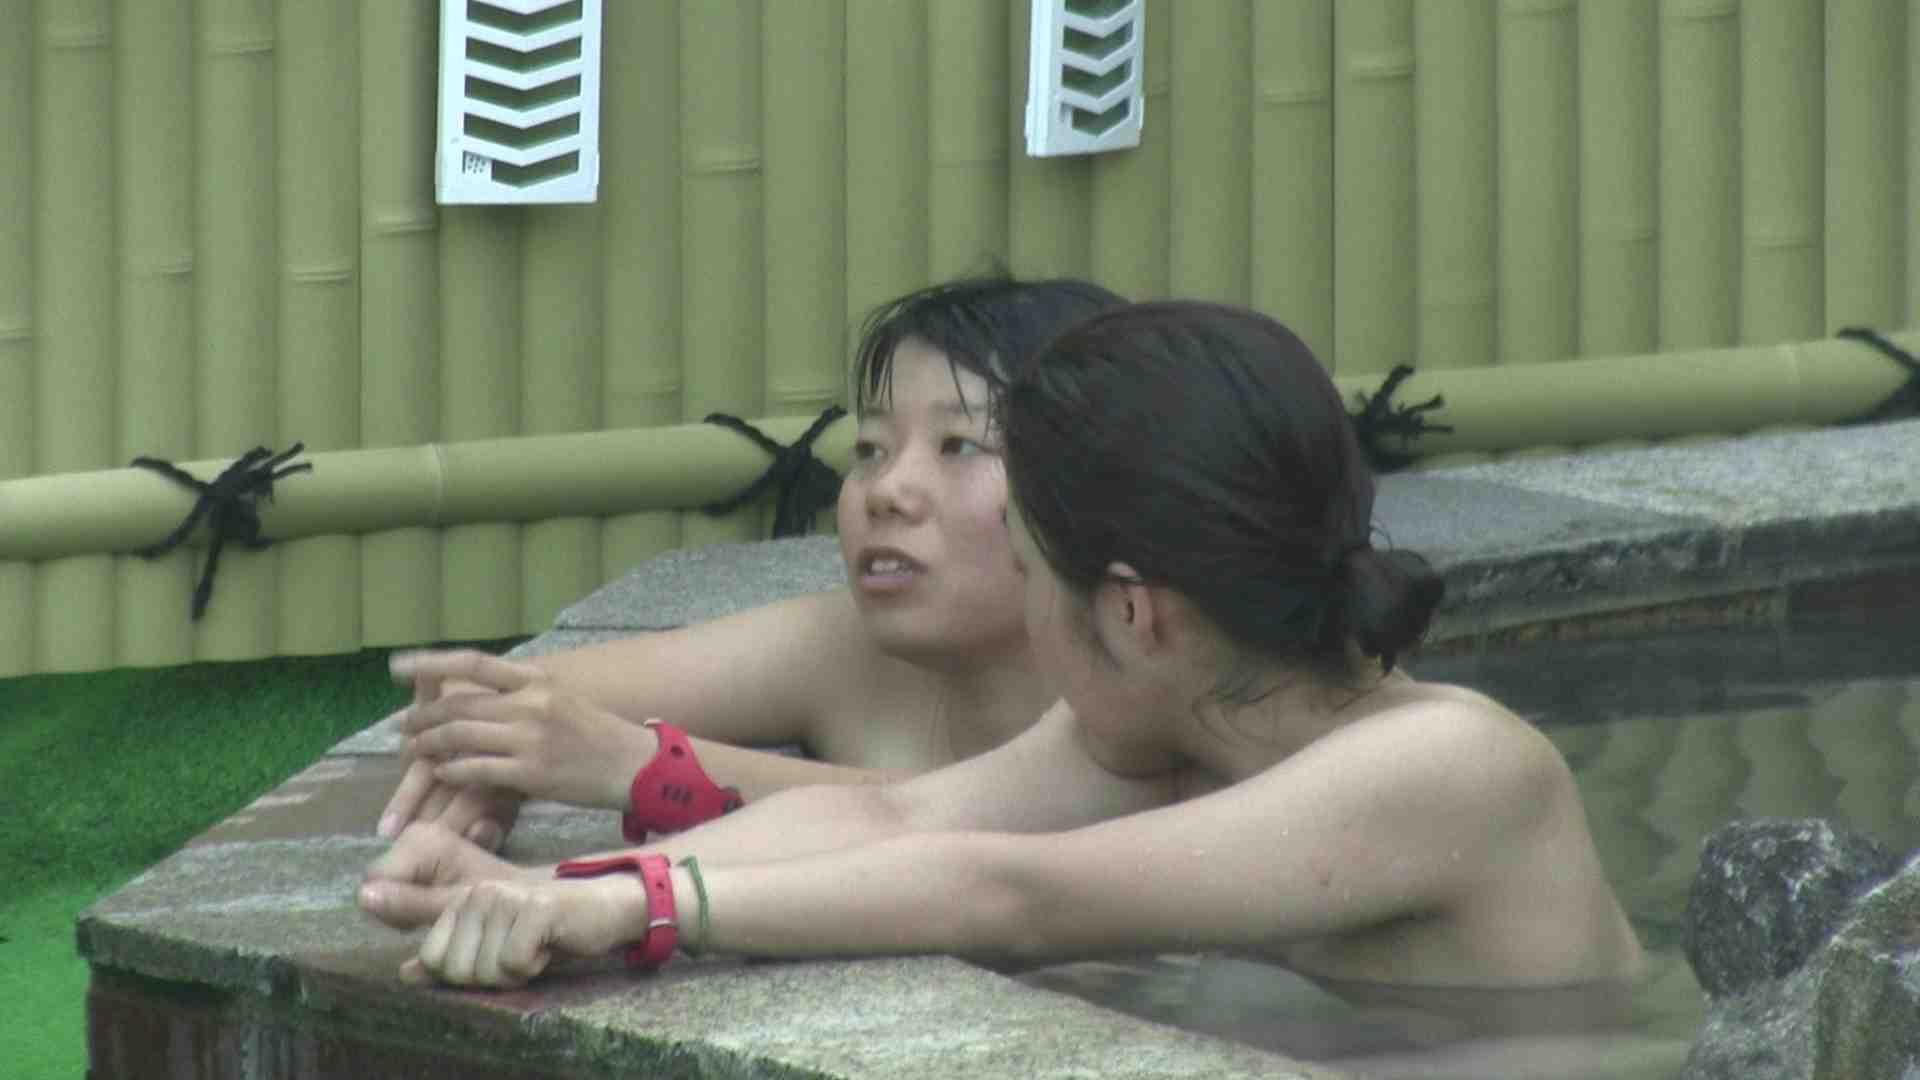 Aquaな露天風呂Vol.182 露天  80画像 51